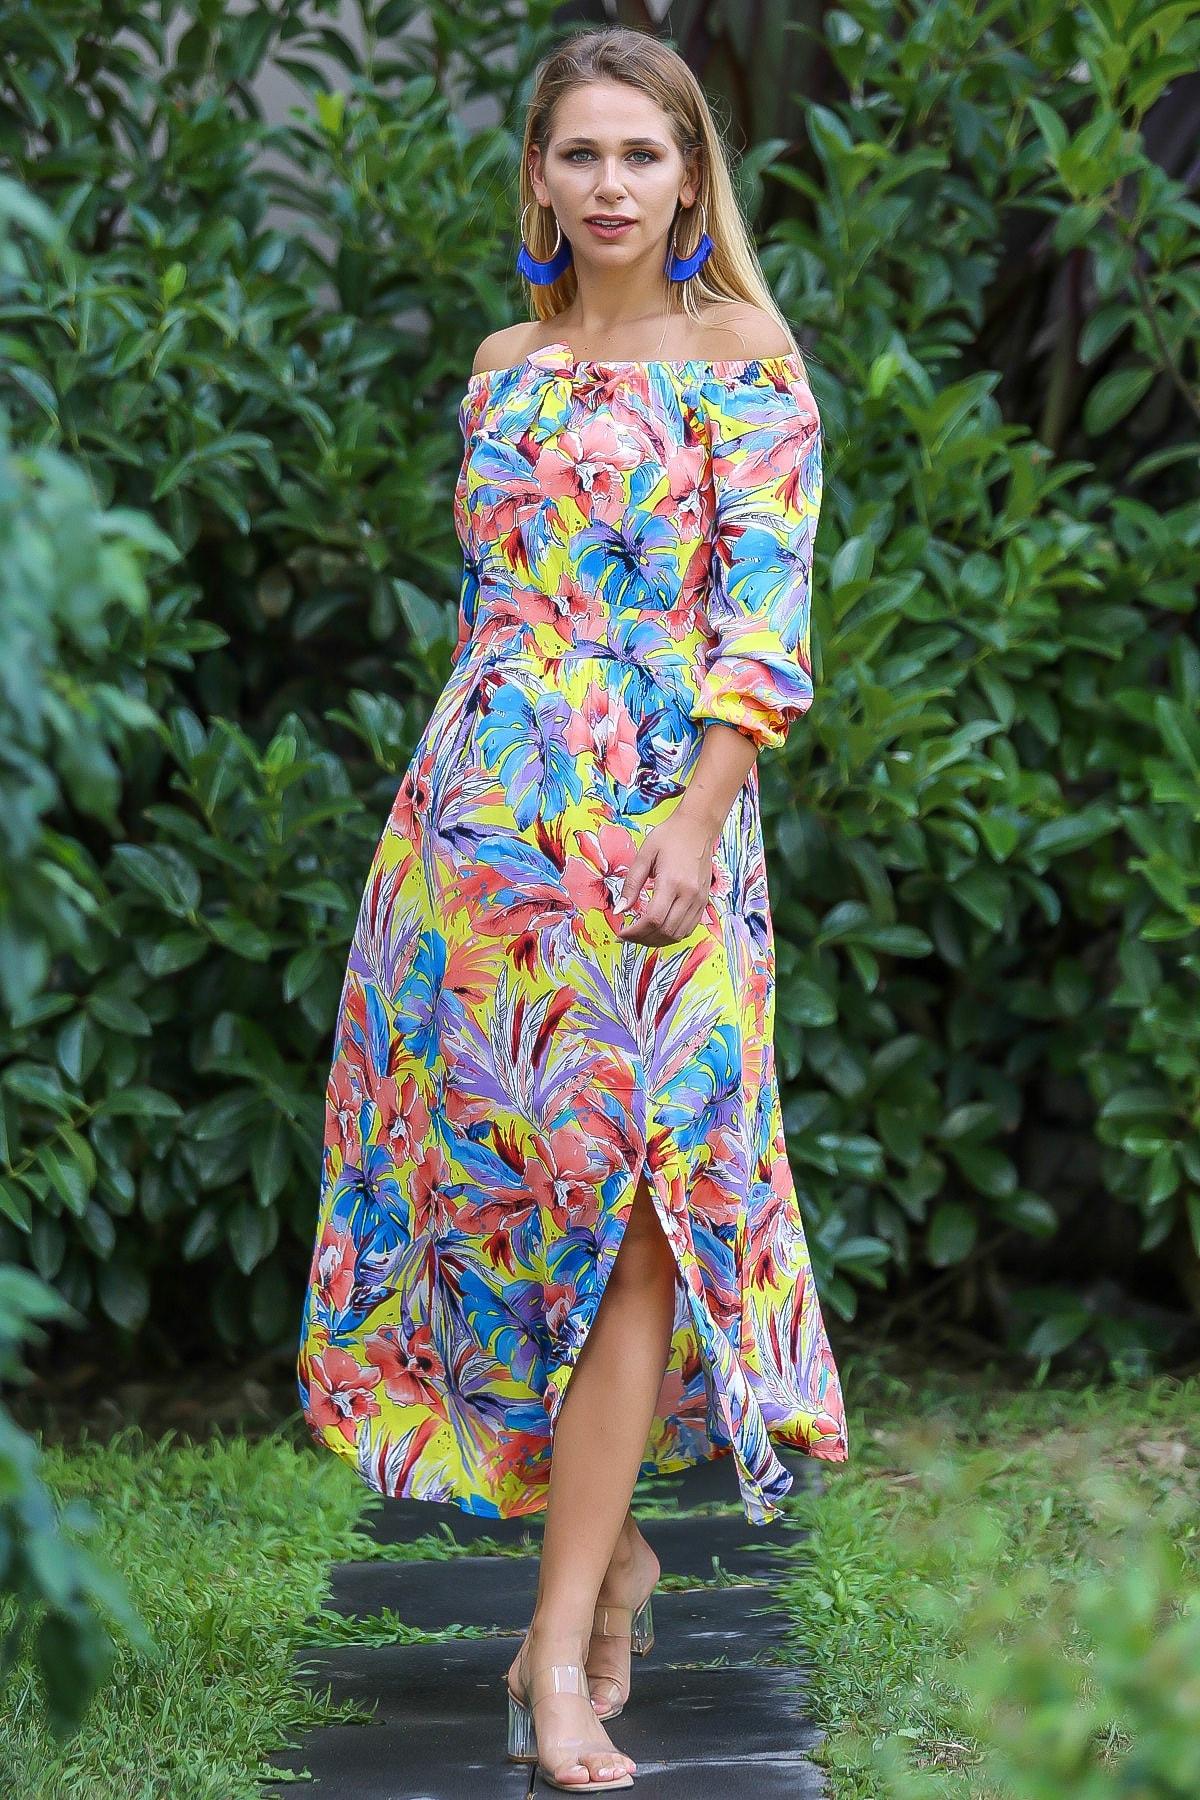 Chiccy Kadın Turuncu Bohem Carmen Yaka Sırtı Fermuar Detaylı Yırtmaçlı Uzun Elbise M10160000El96499